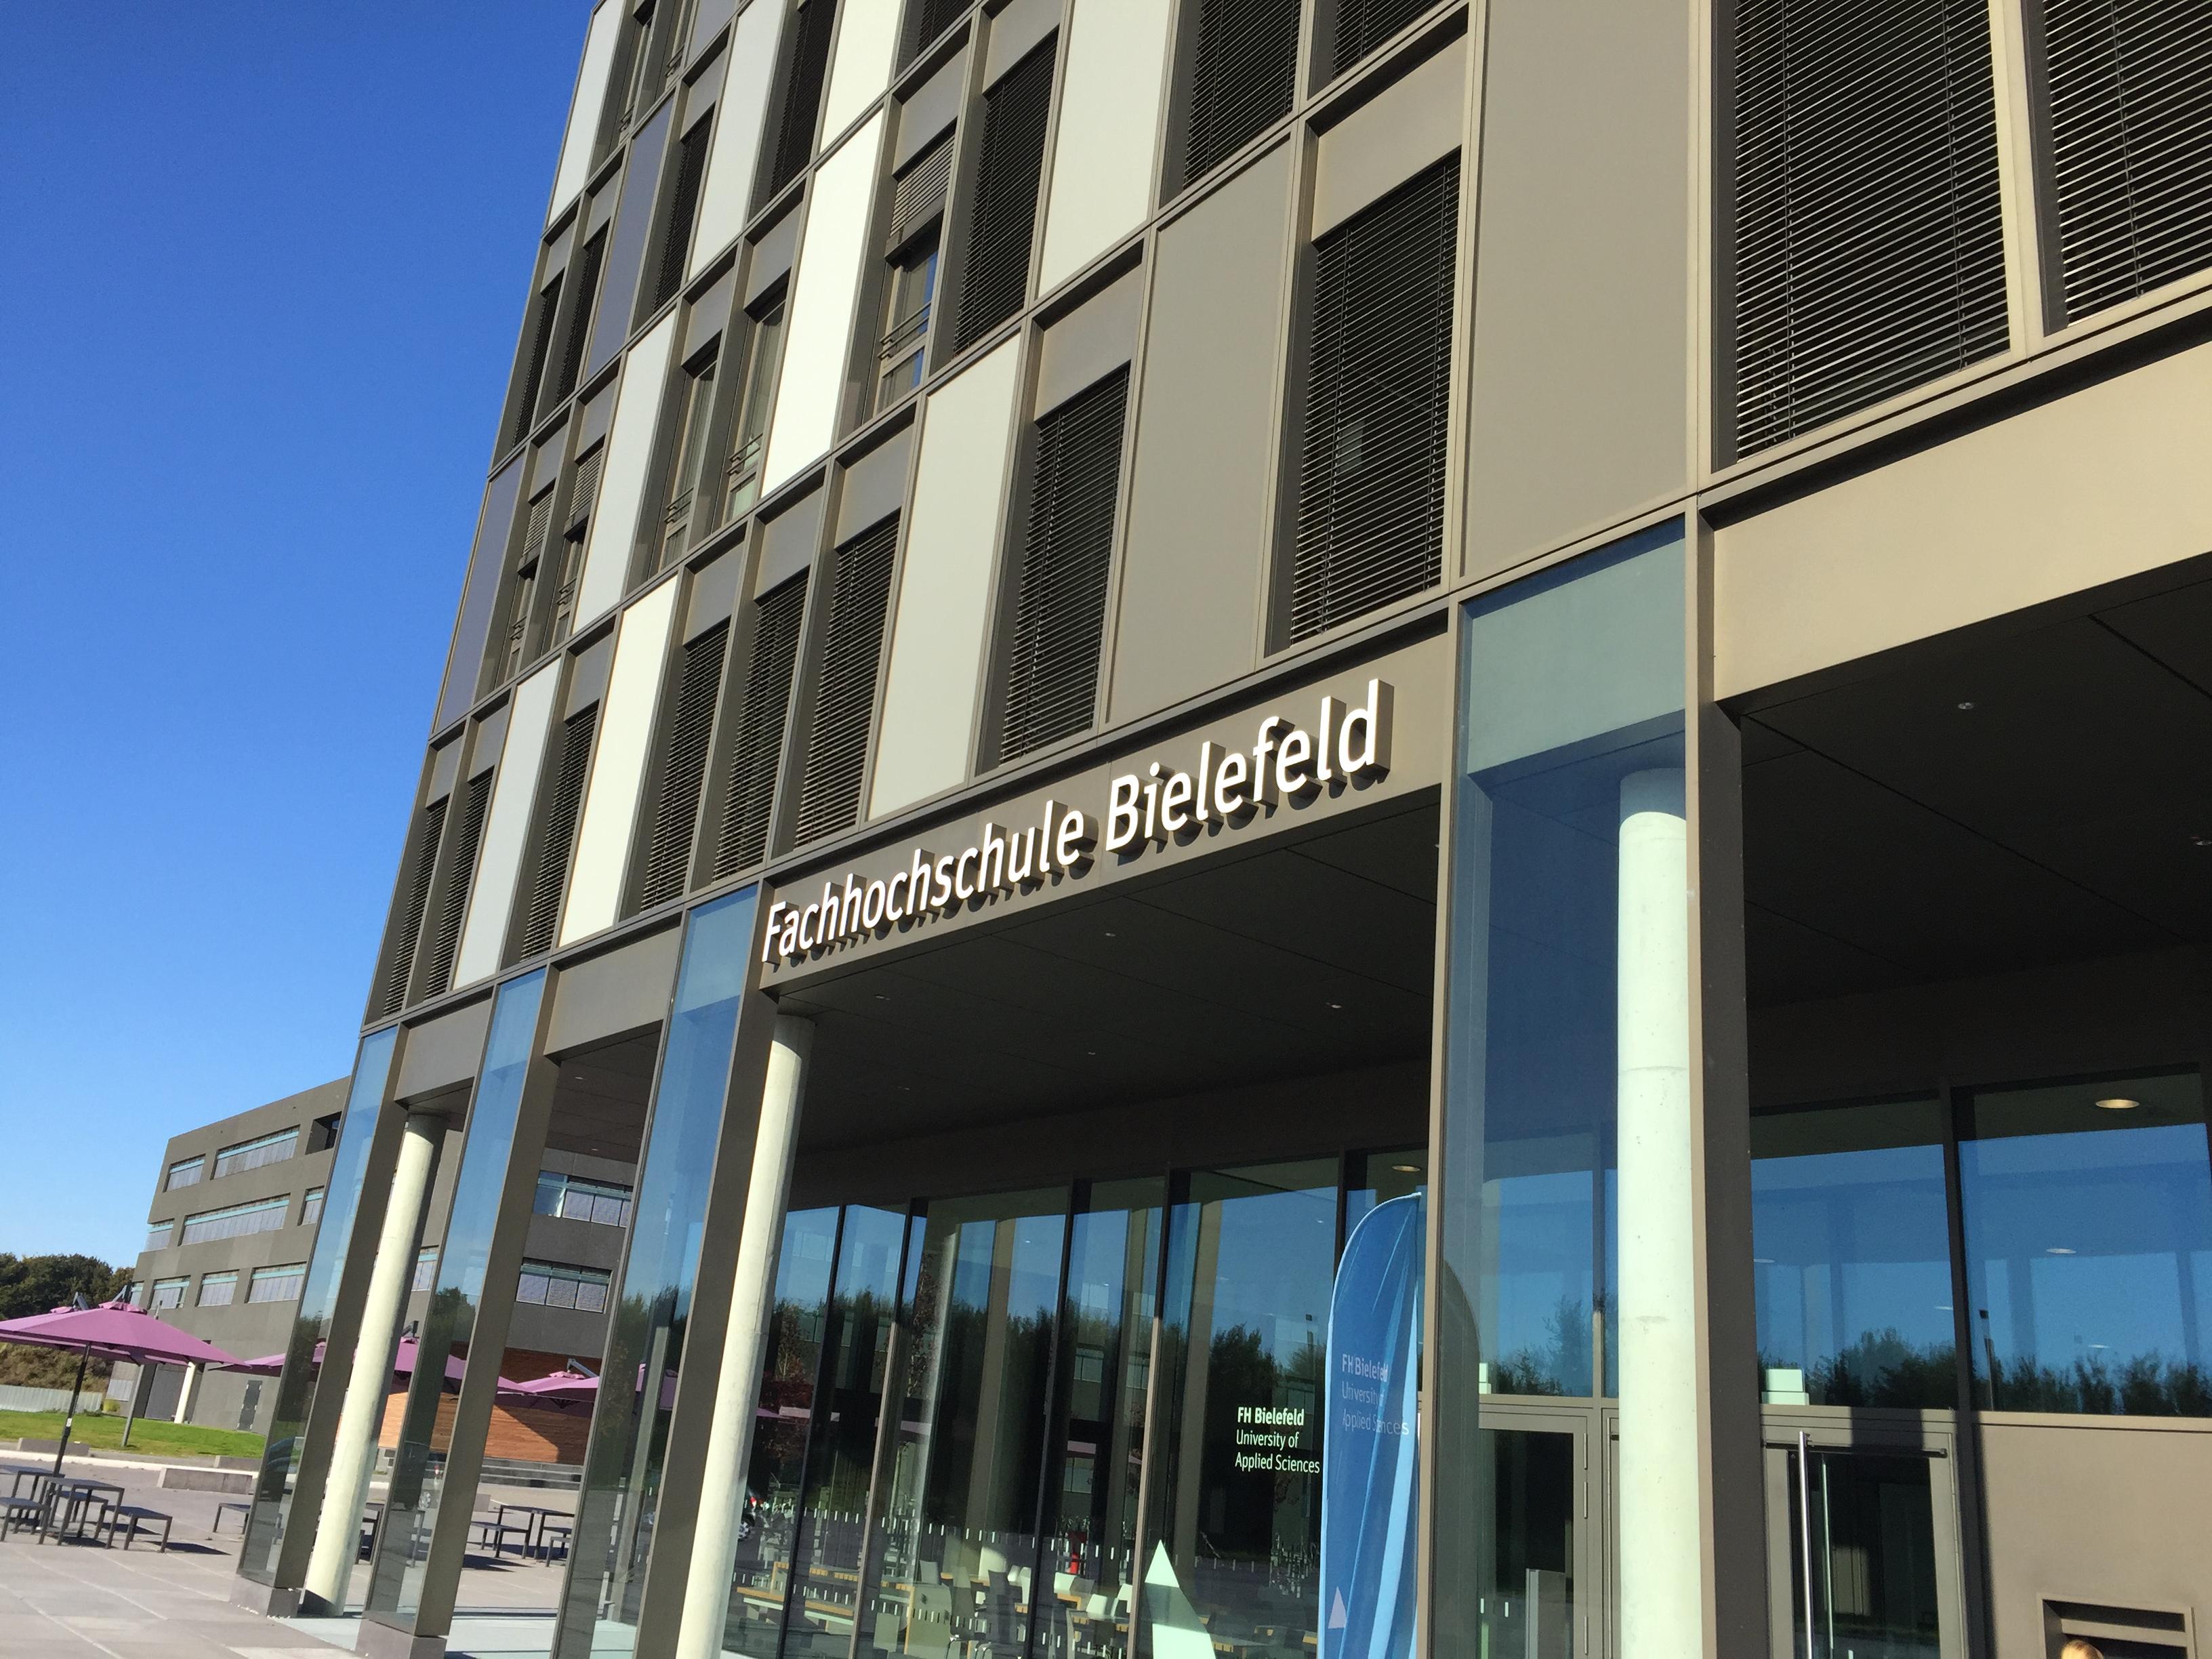 De Fachhochschule Bielefeld (Foto: Frans Hetyey)